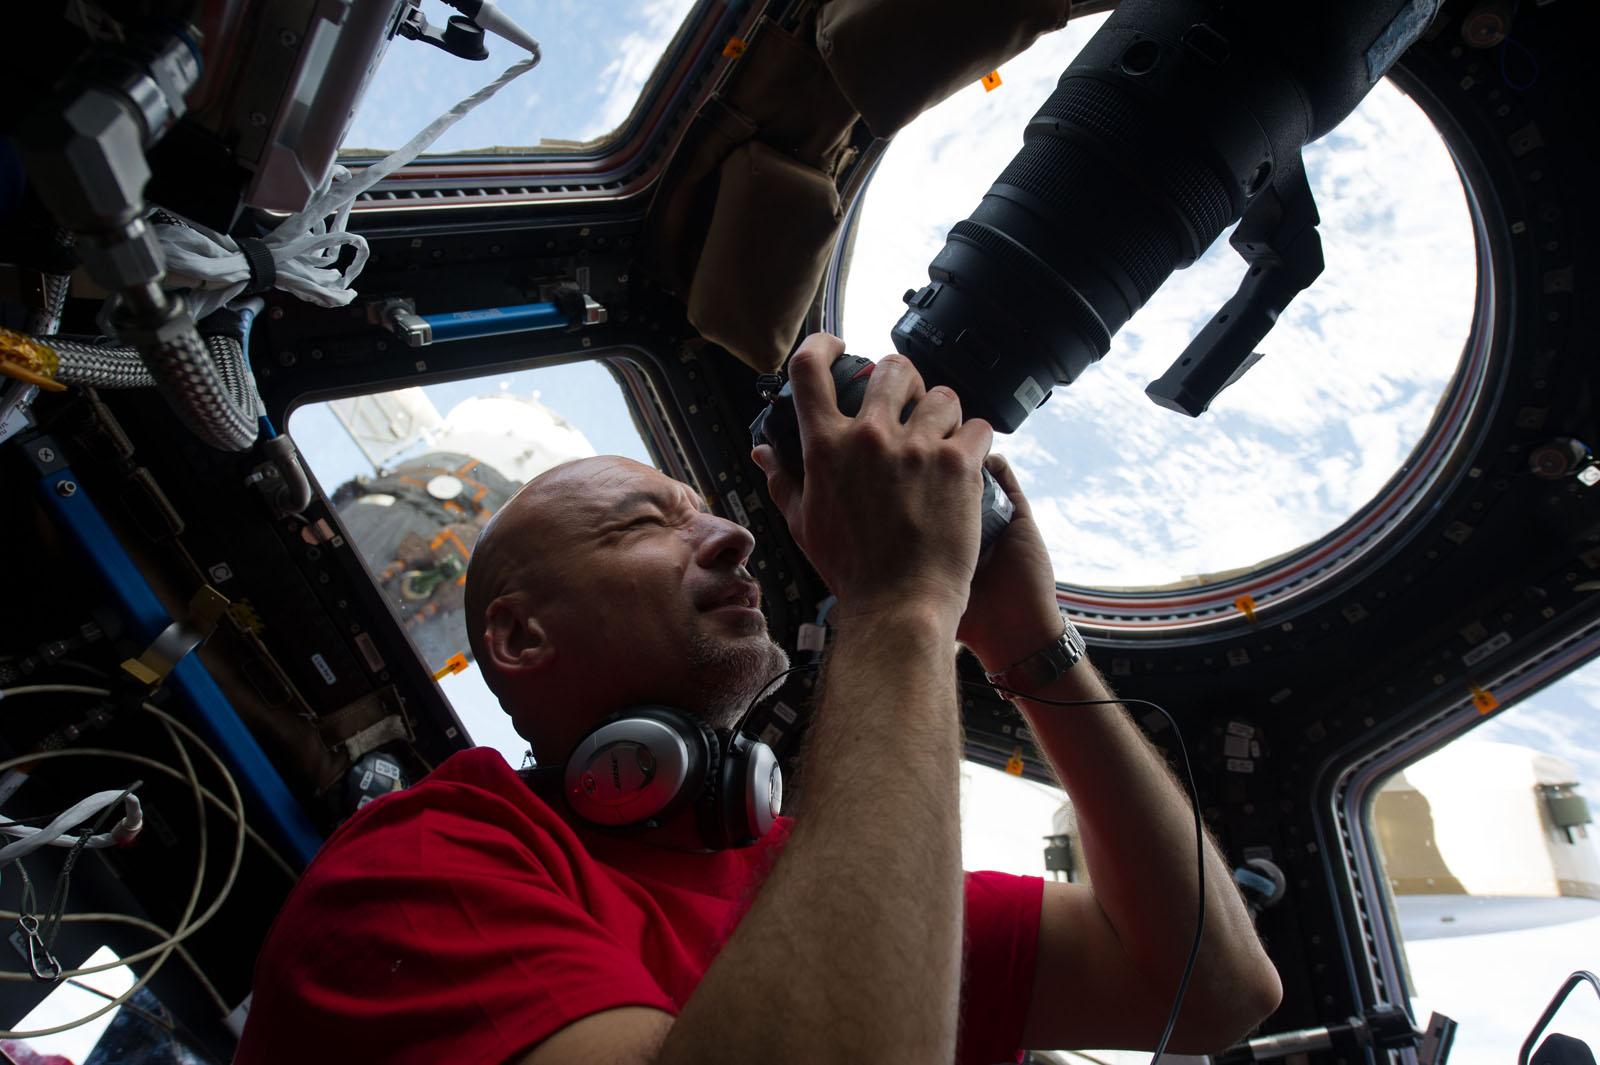 Amazing Space Photos: Italian Astronaut Luca Parmitano's Orbital Images